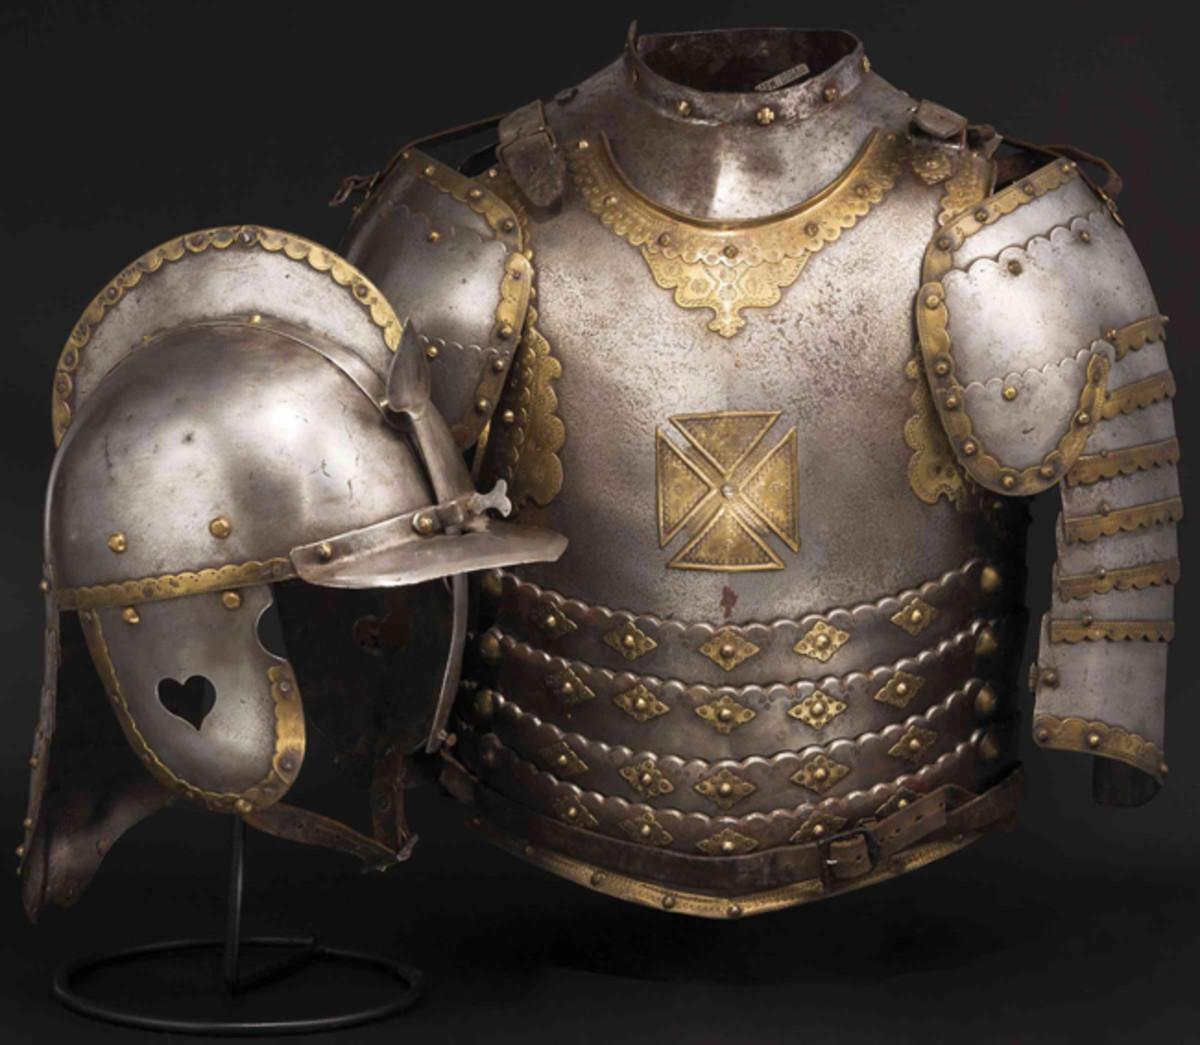 Polish History Museum, Muri: Hussar cuirass, 17th century.